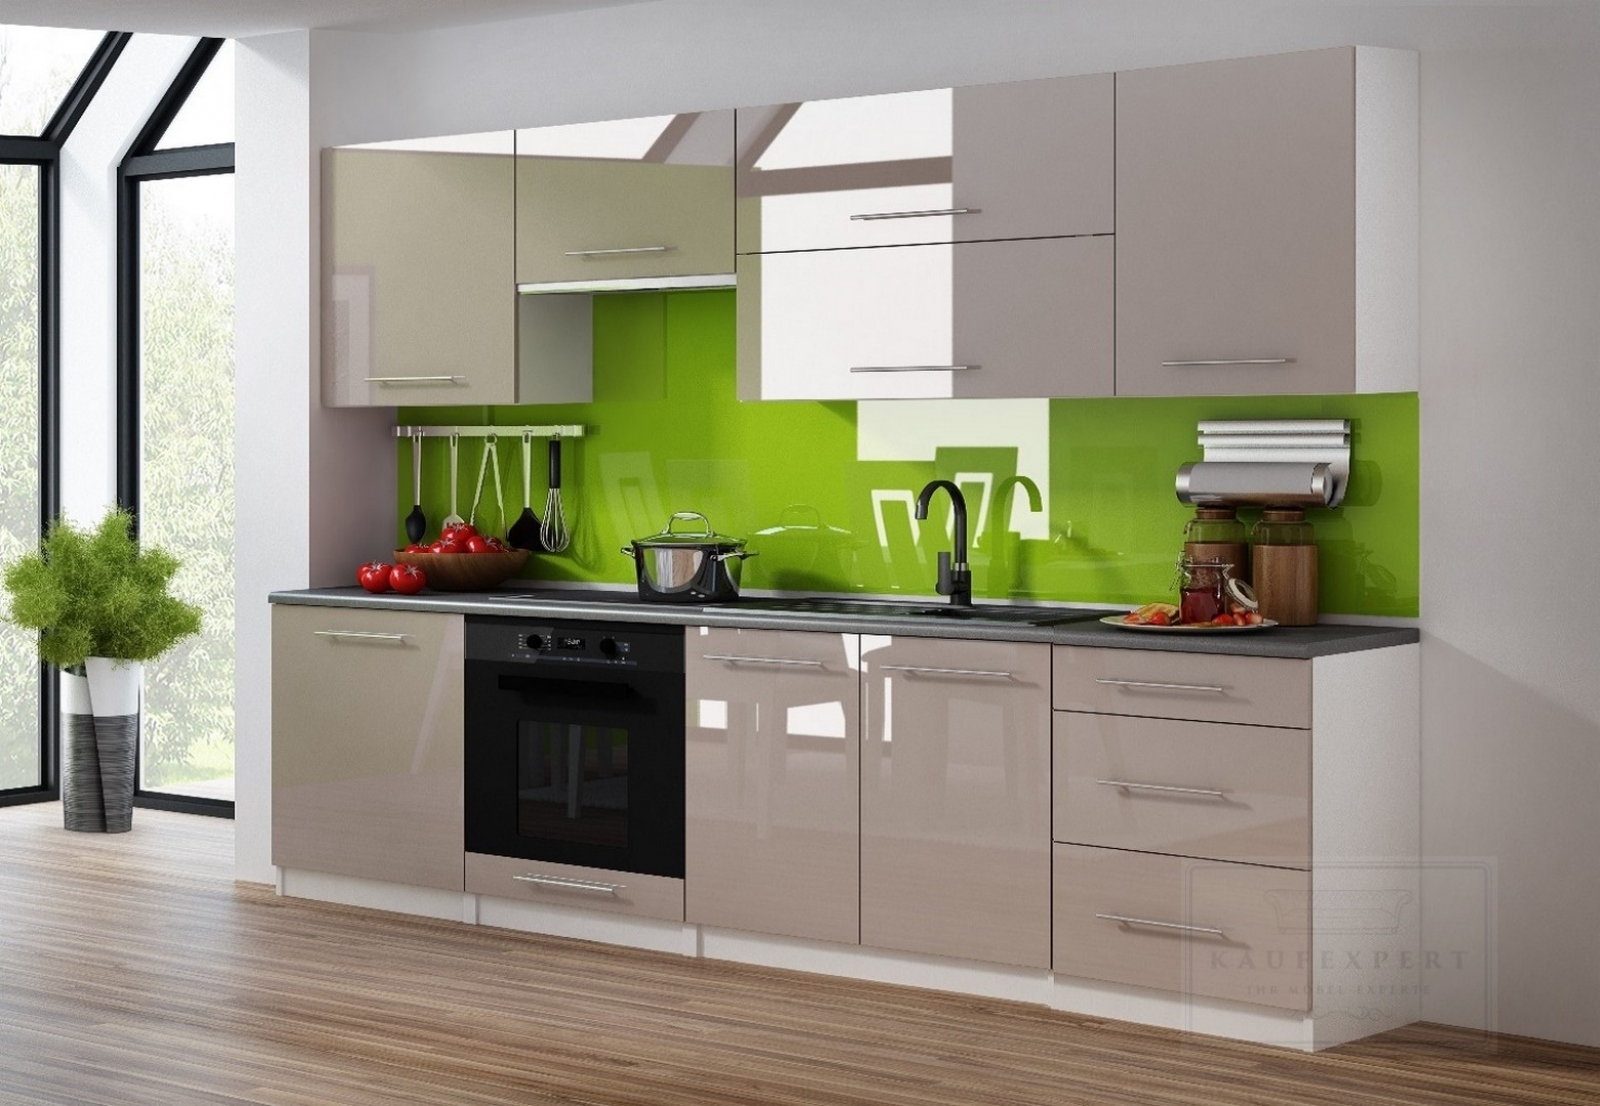 Küchenzeile Linda Cappuccino Hochglanz 240 cm Küche Küchenblock MDF  Arbeitsplatte Relinggriffe Modern Einbauküche